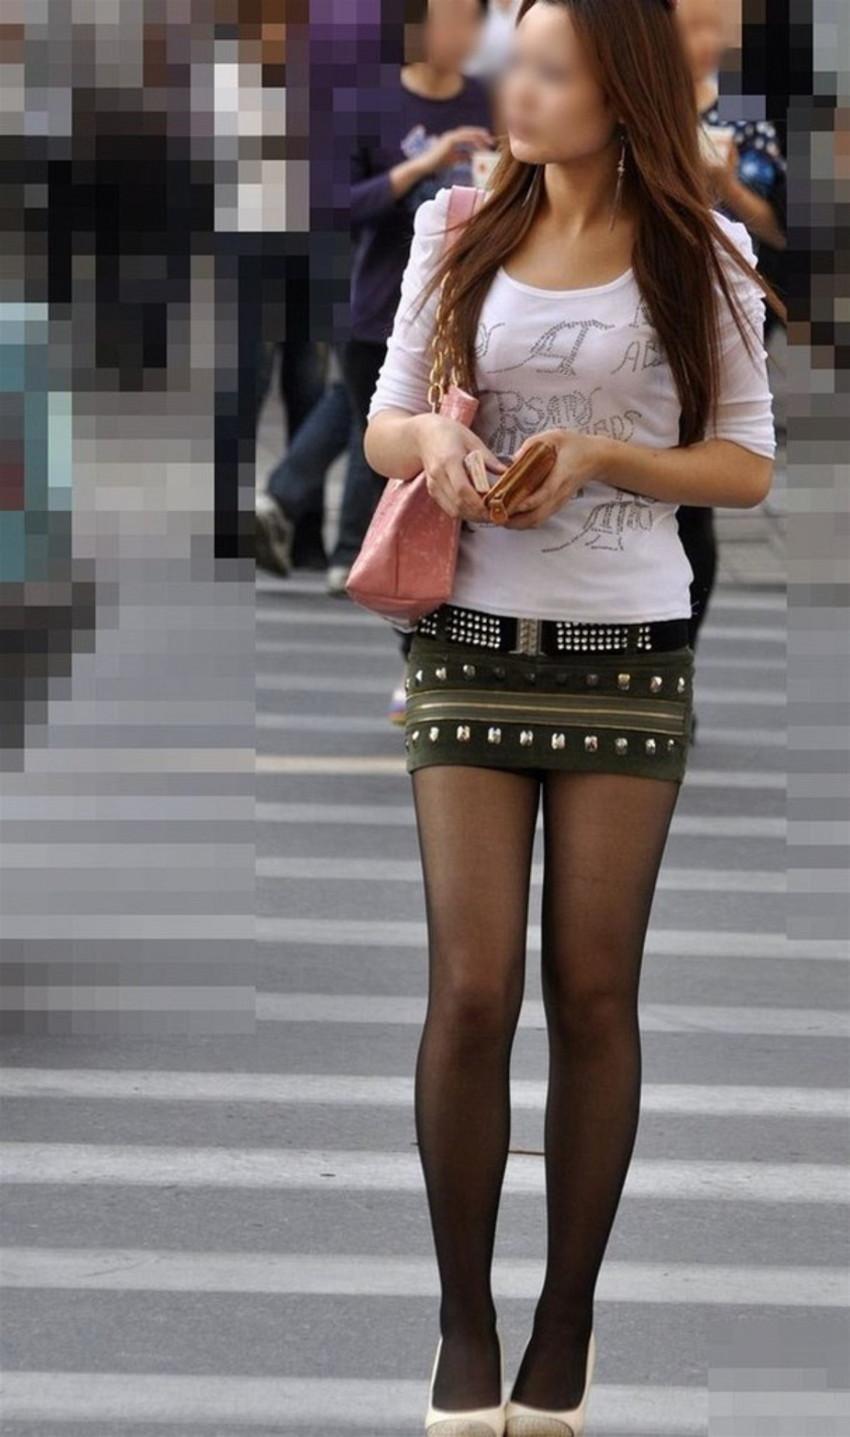 【ミニスカエロ画像】美脚、むき出しの太もも!春よ来い!美脚ミニスカエロ画像 55